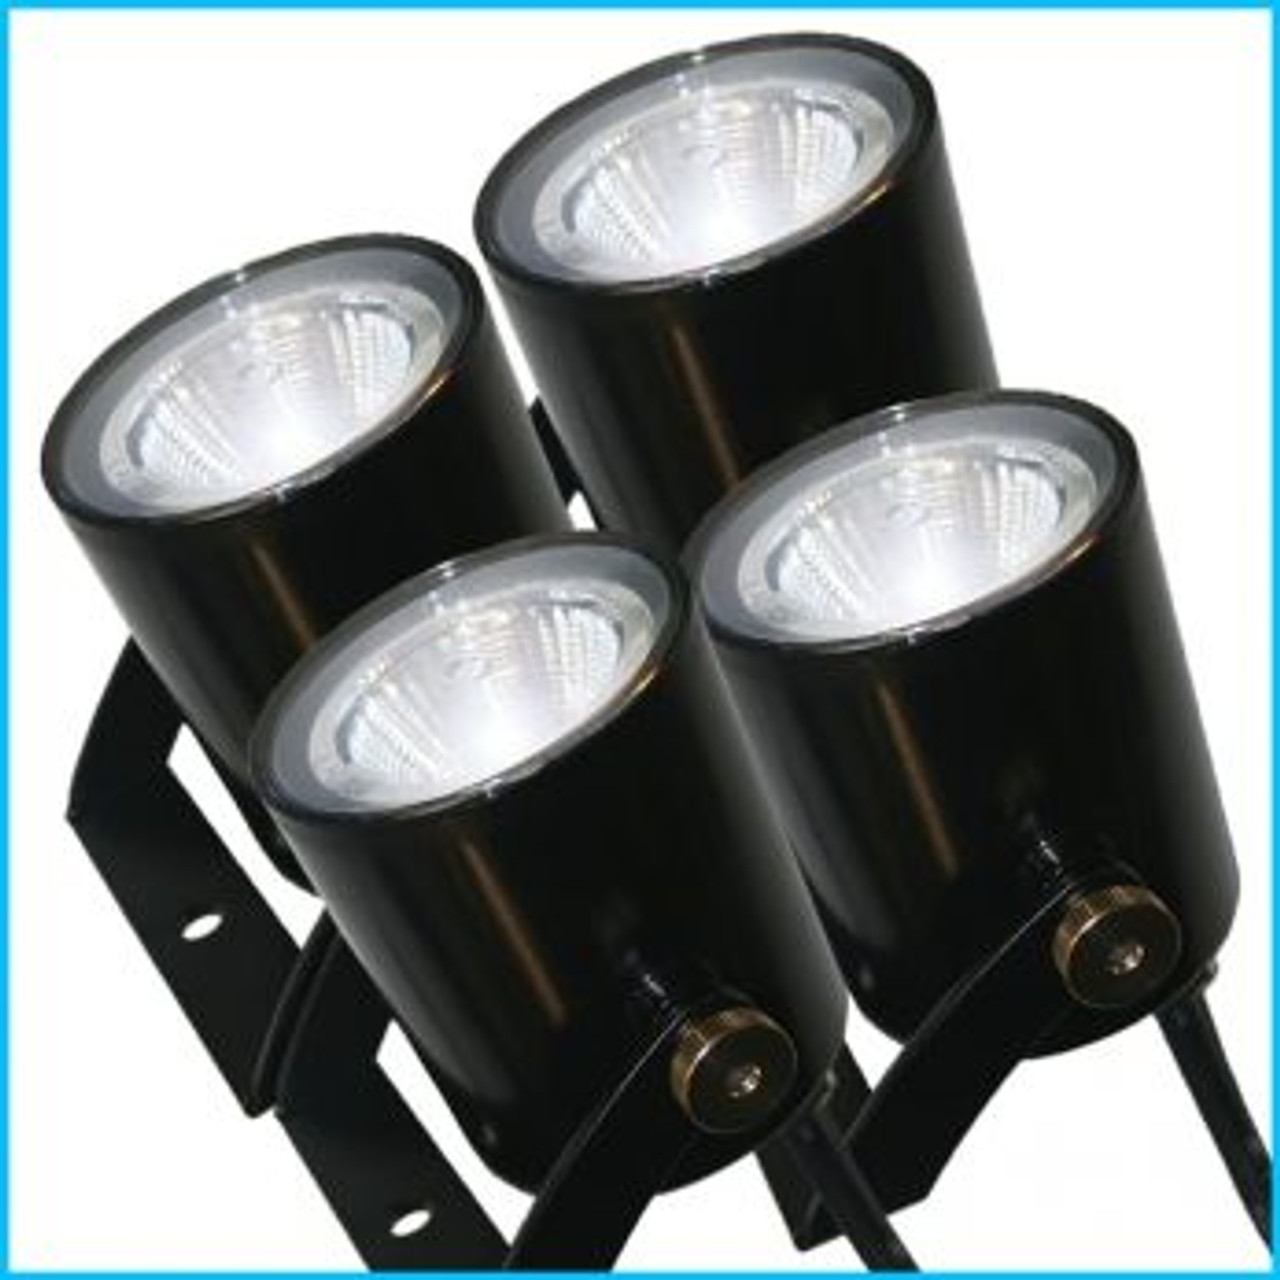 Kasco Marine LED Composite Housing Light kit, 4 Fixtures